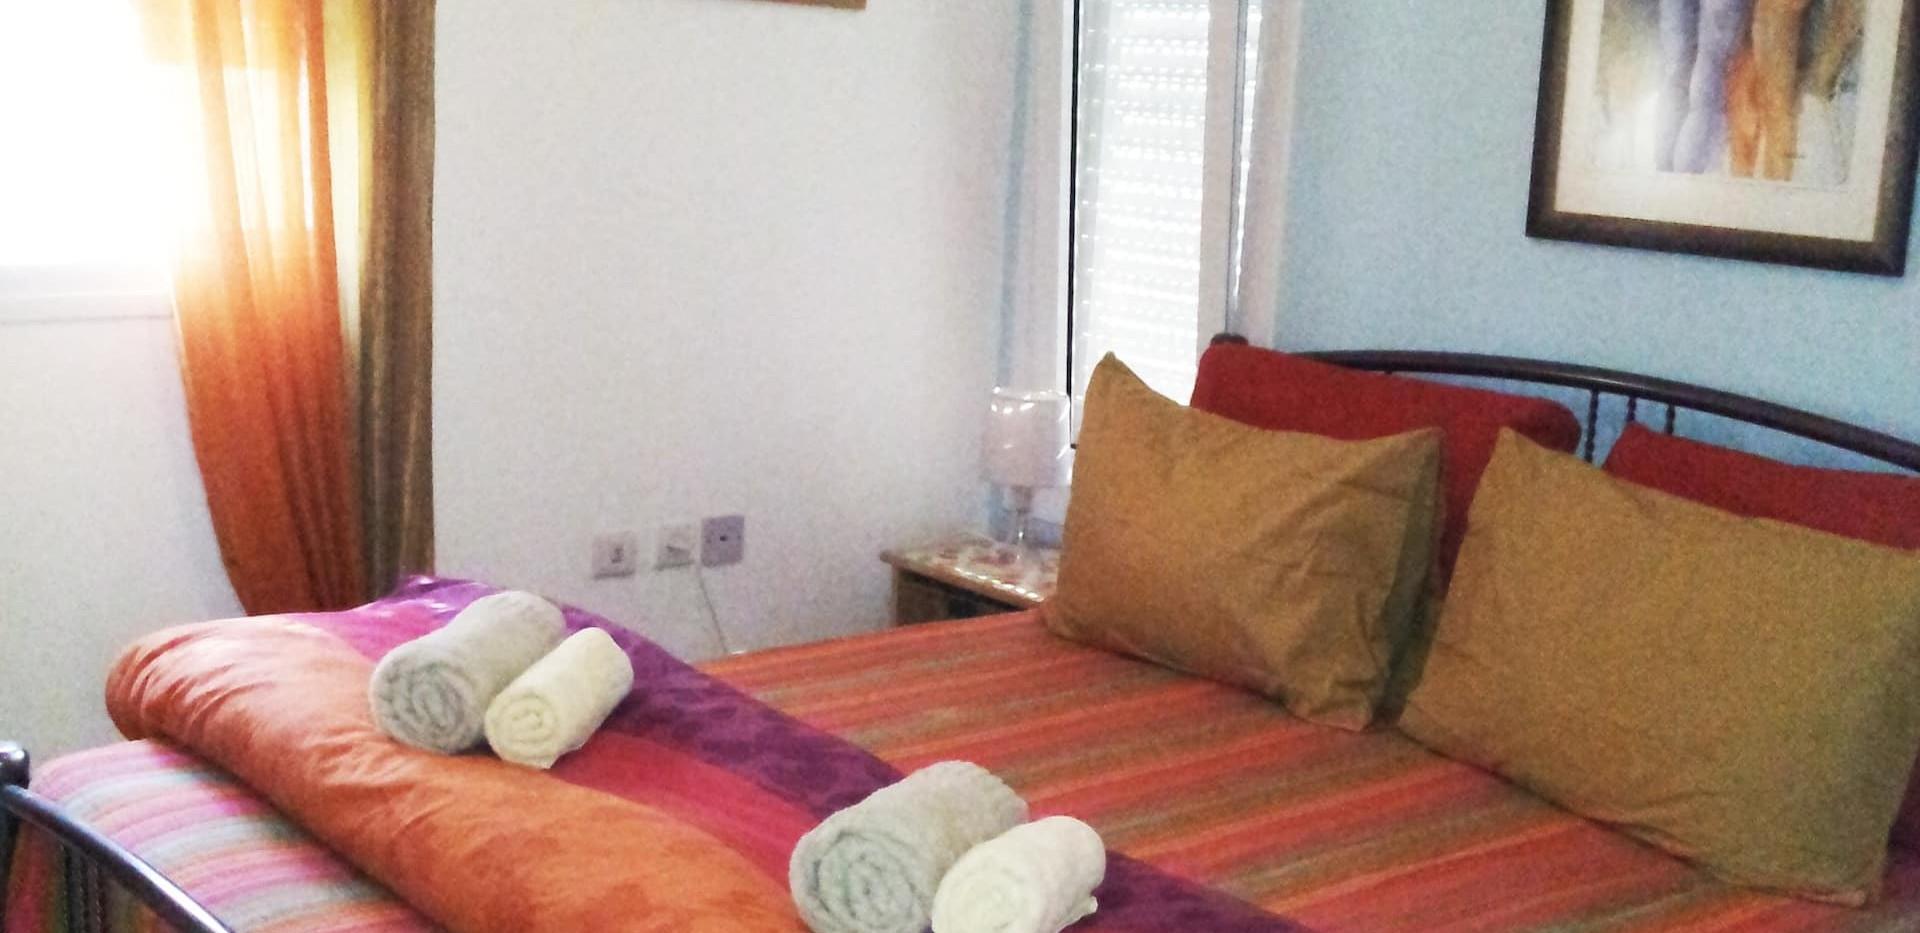 חורף. חדר שינה זוגי ממוזג ומחומם בקומת הכניסה. חדר רחצה מובנה, טלויזיה וארון. Winter.A warm double bedroom on the ground floor. with an onsuite shower room